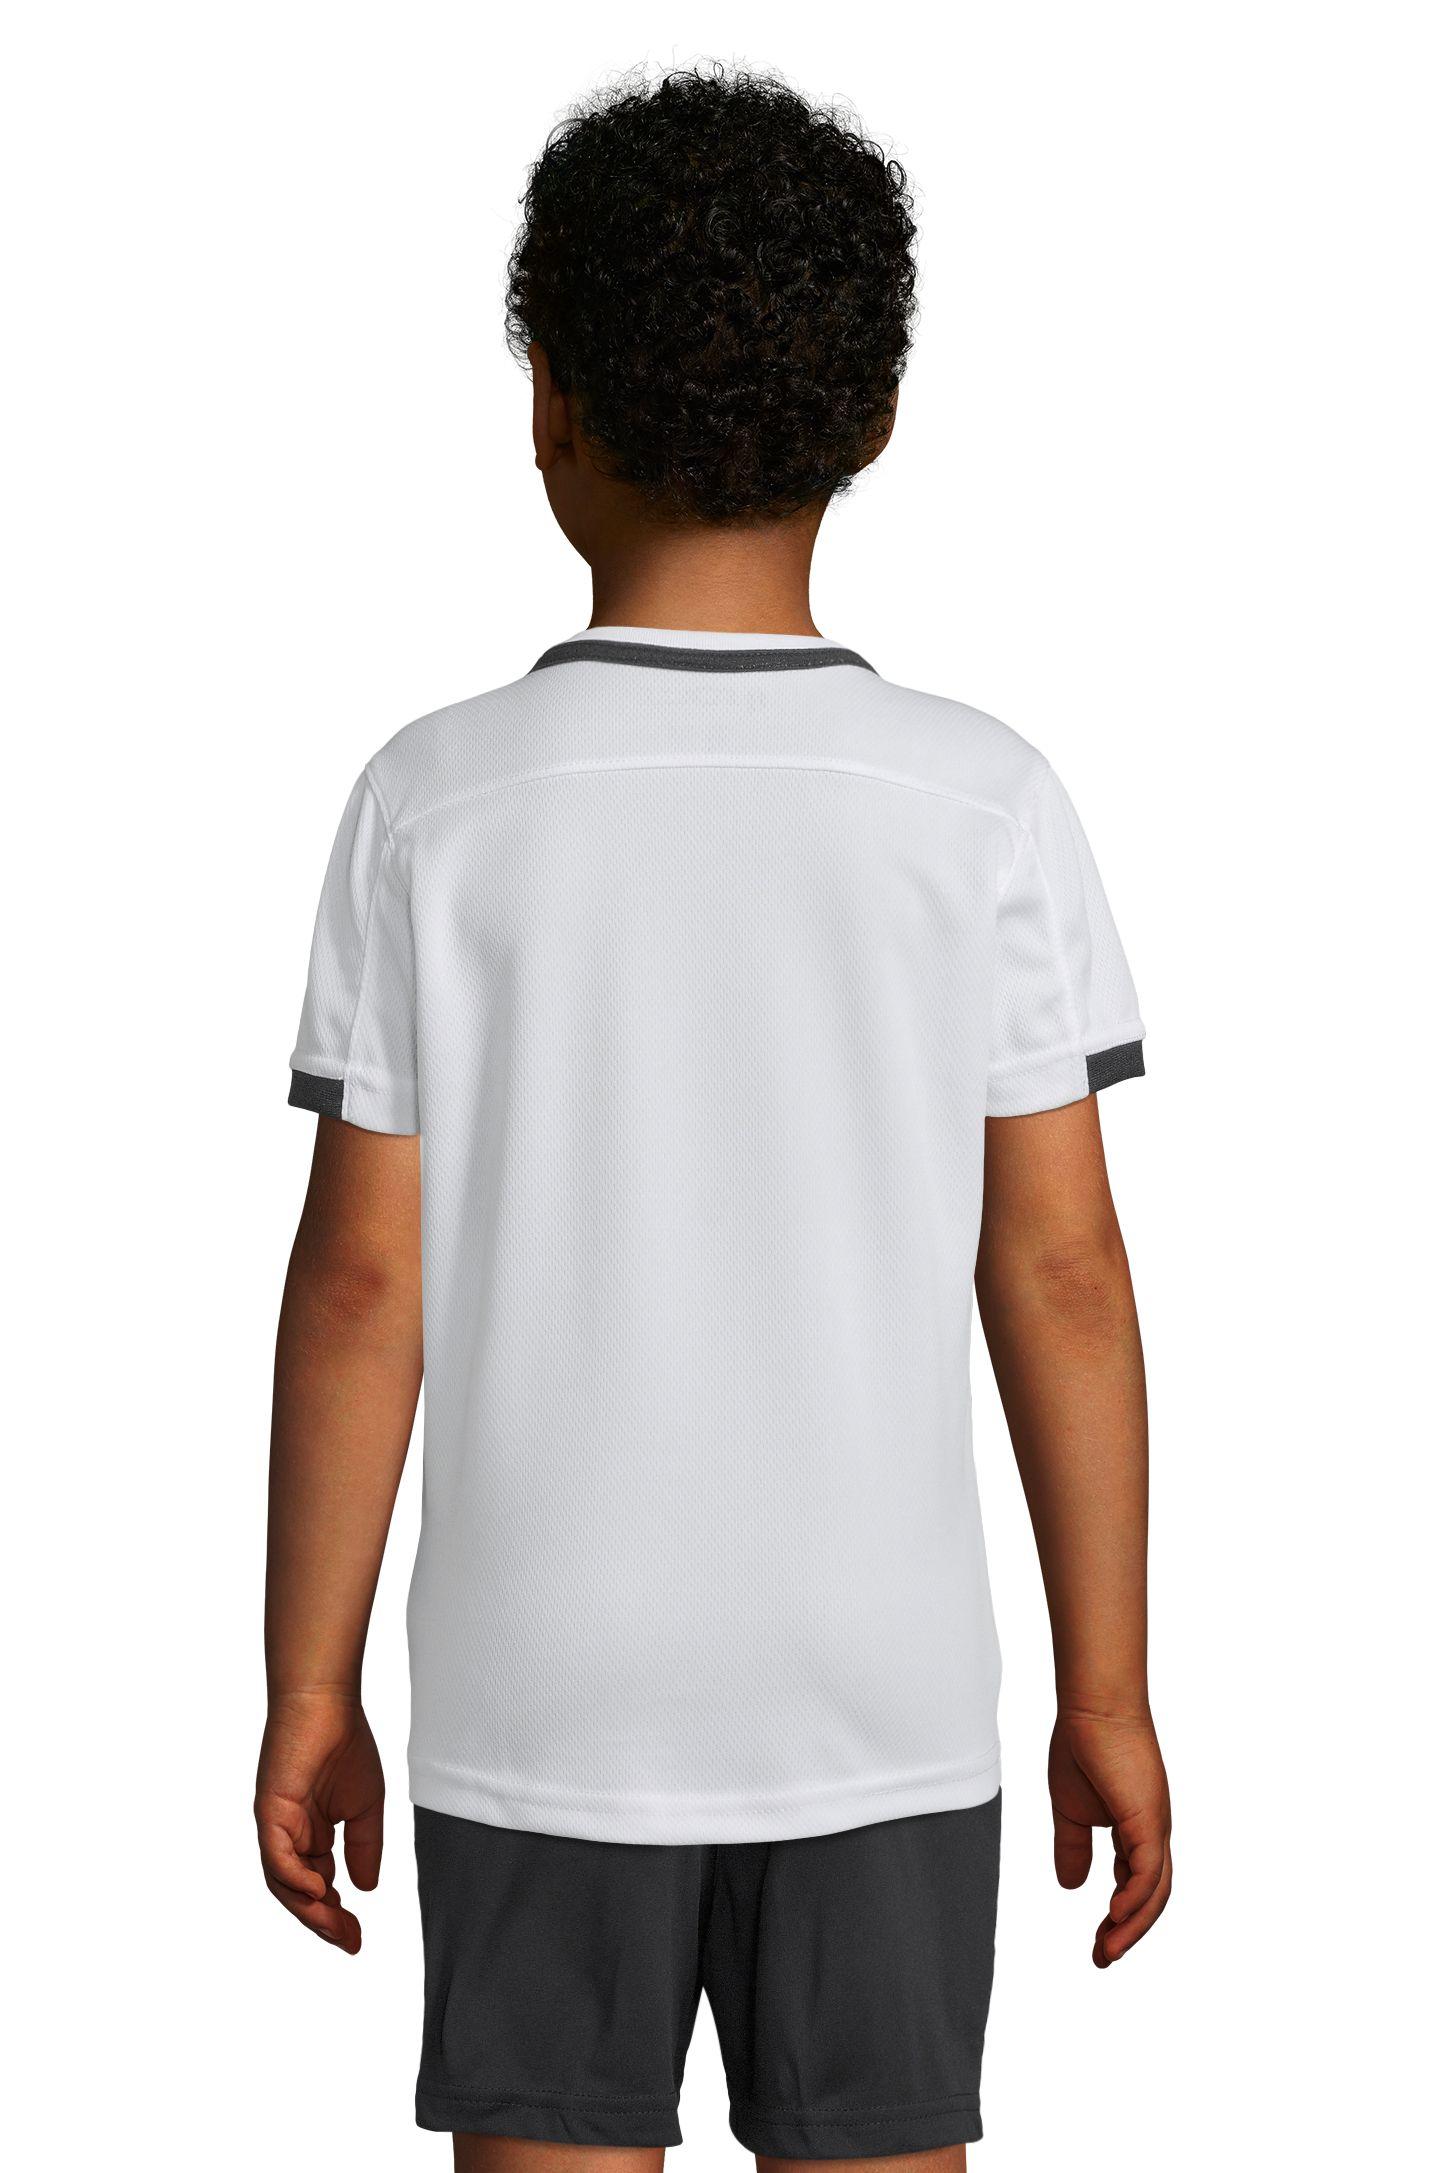 906 - White / Black